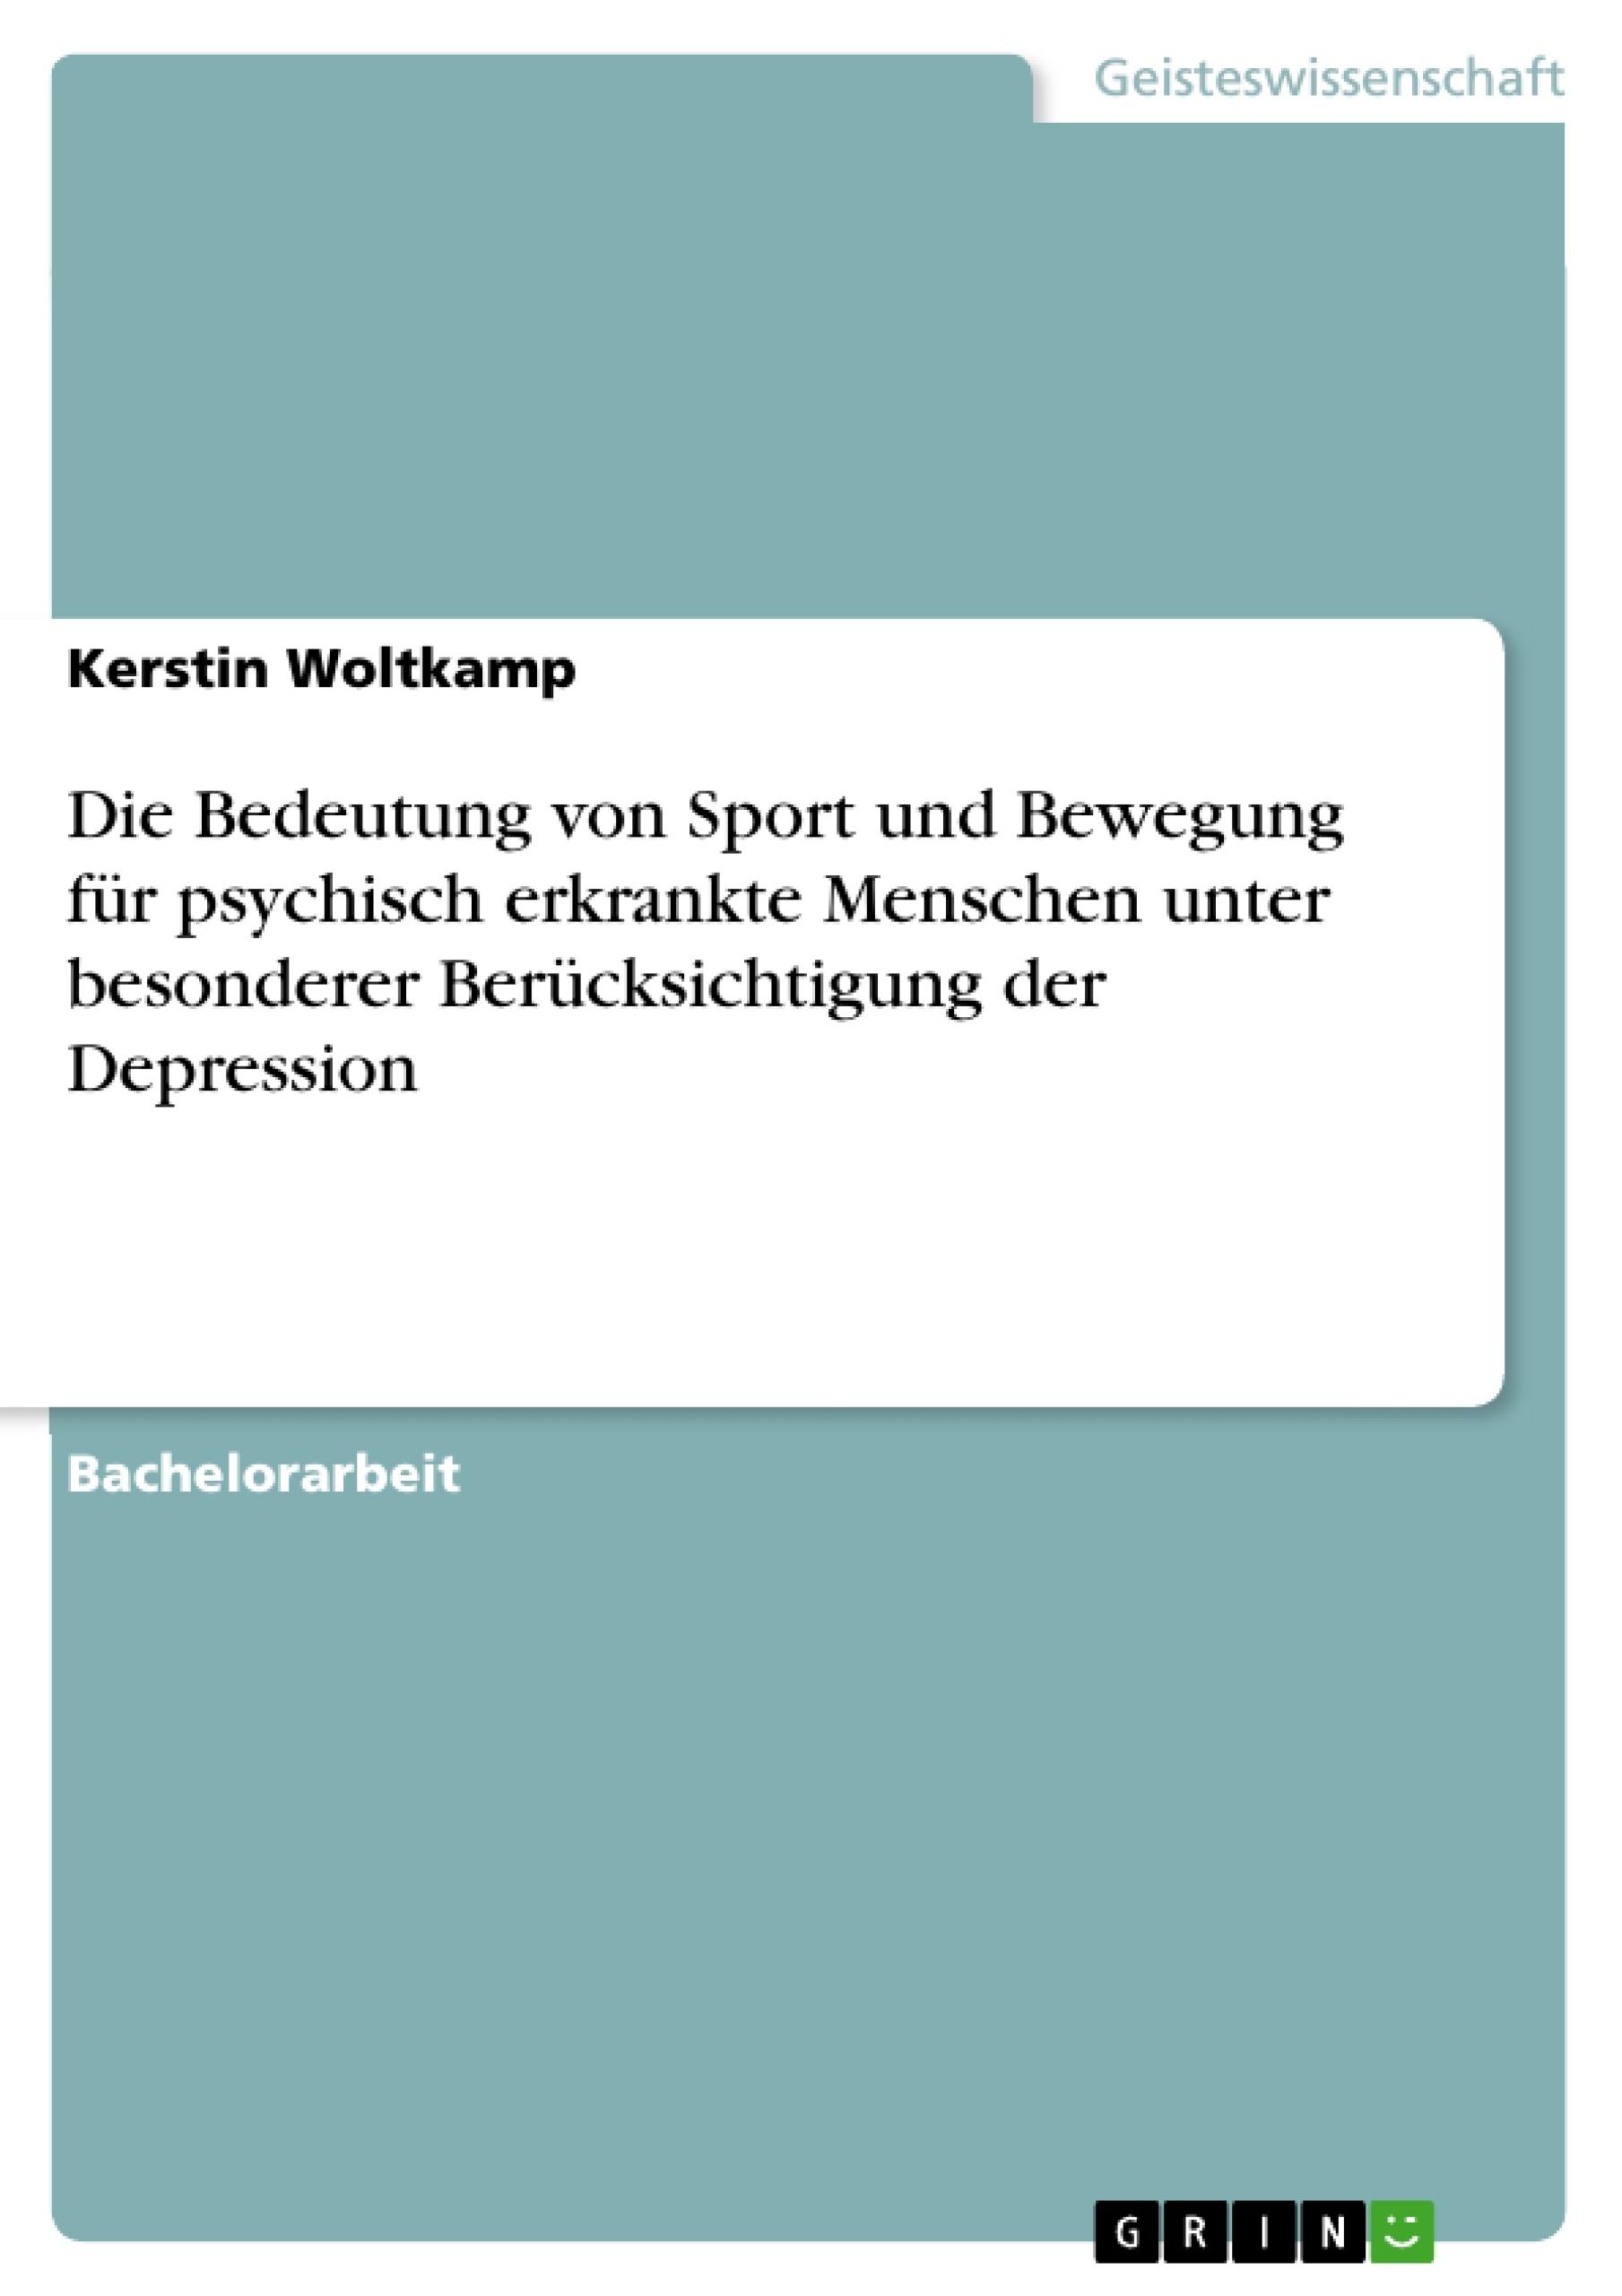 Titel: Die Bedeutung von Sport und Bewegung für psychisch erkrankte Menschen unter besonderer Berücksichtigung der Depression